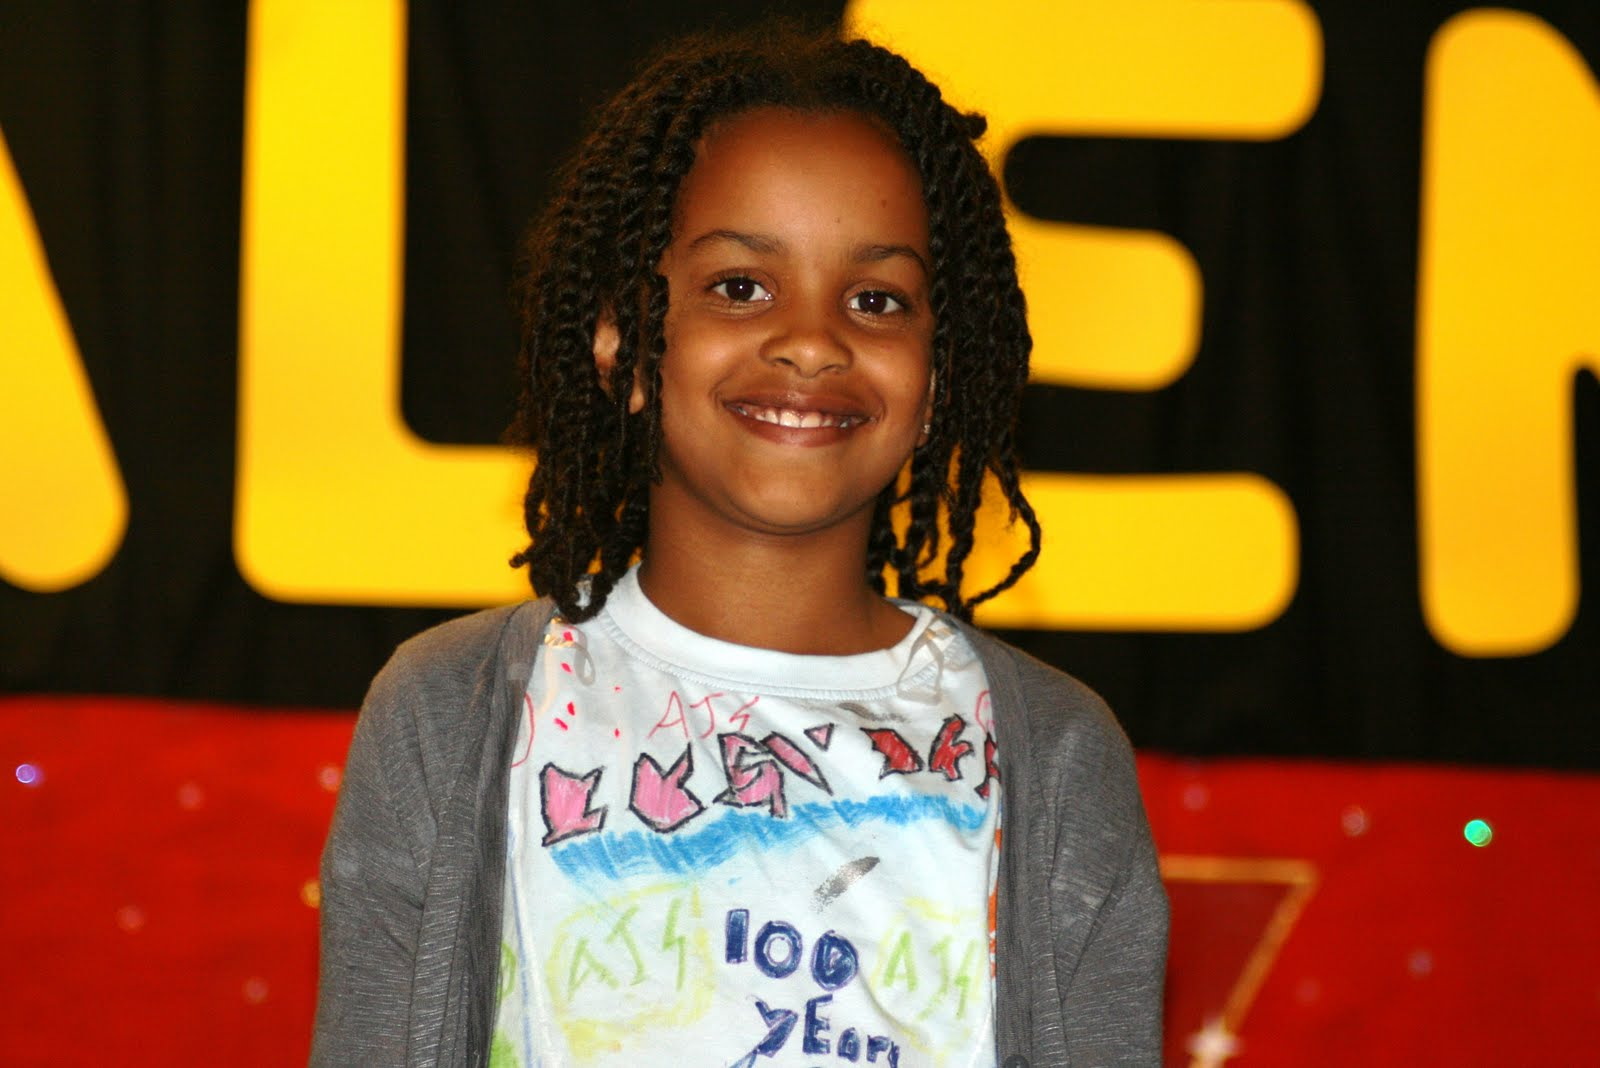 http://3.bp.blogspot.com/_GbG0BGWxdXk/TIpYcyx3Y8I/AAAAAAAAAOk/XER_KT5Ypso/s1600/Jazmine.JPG